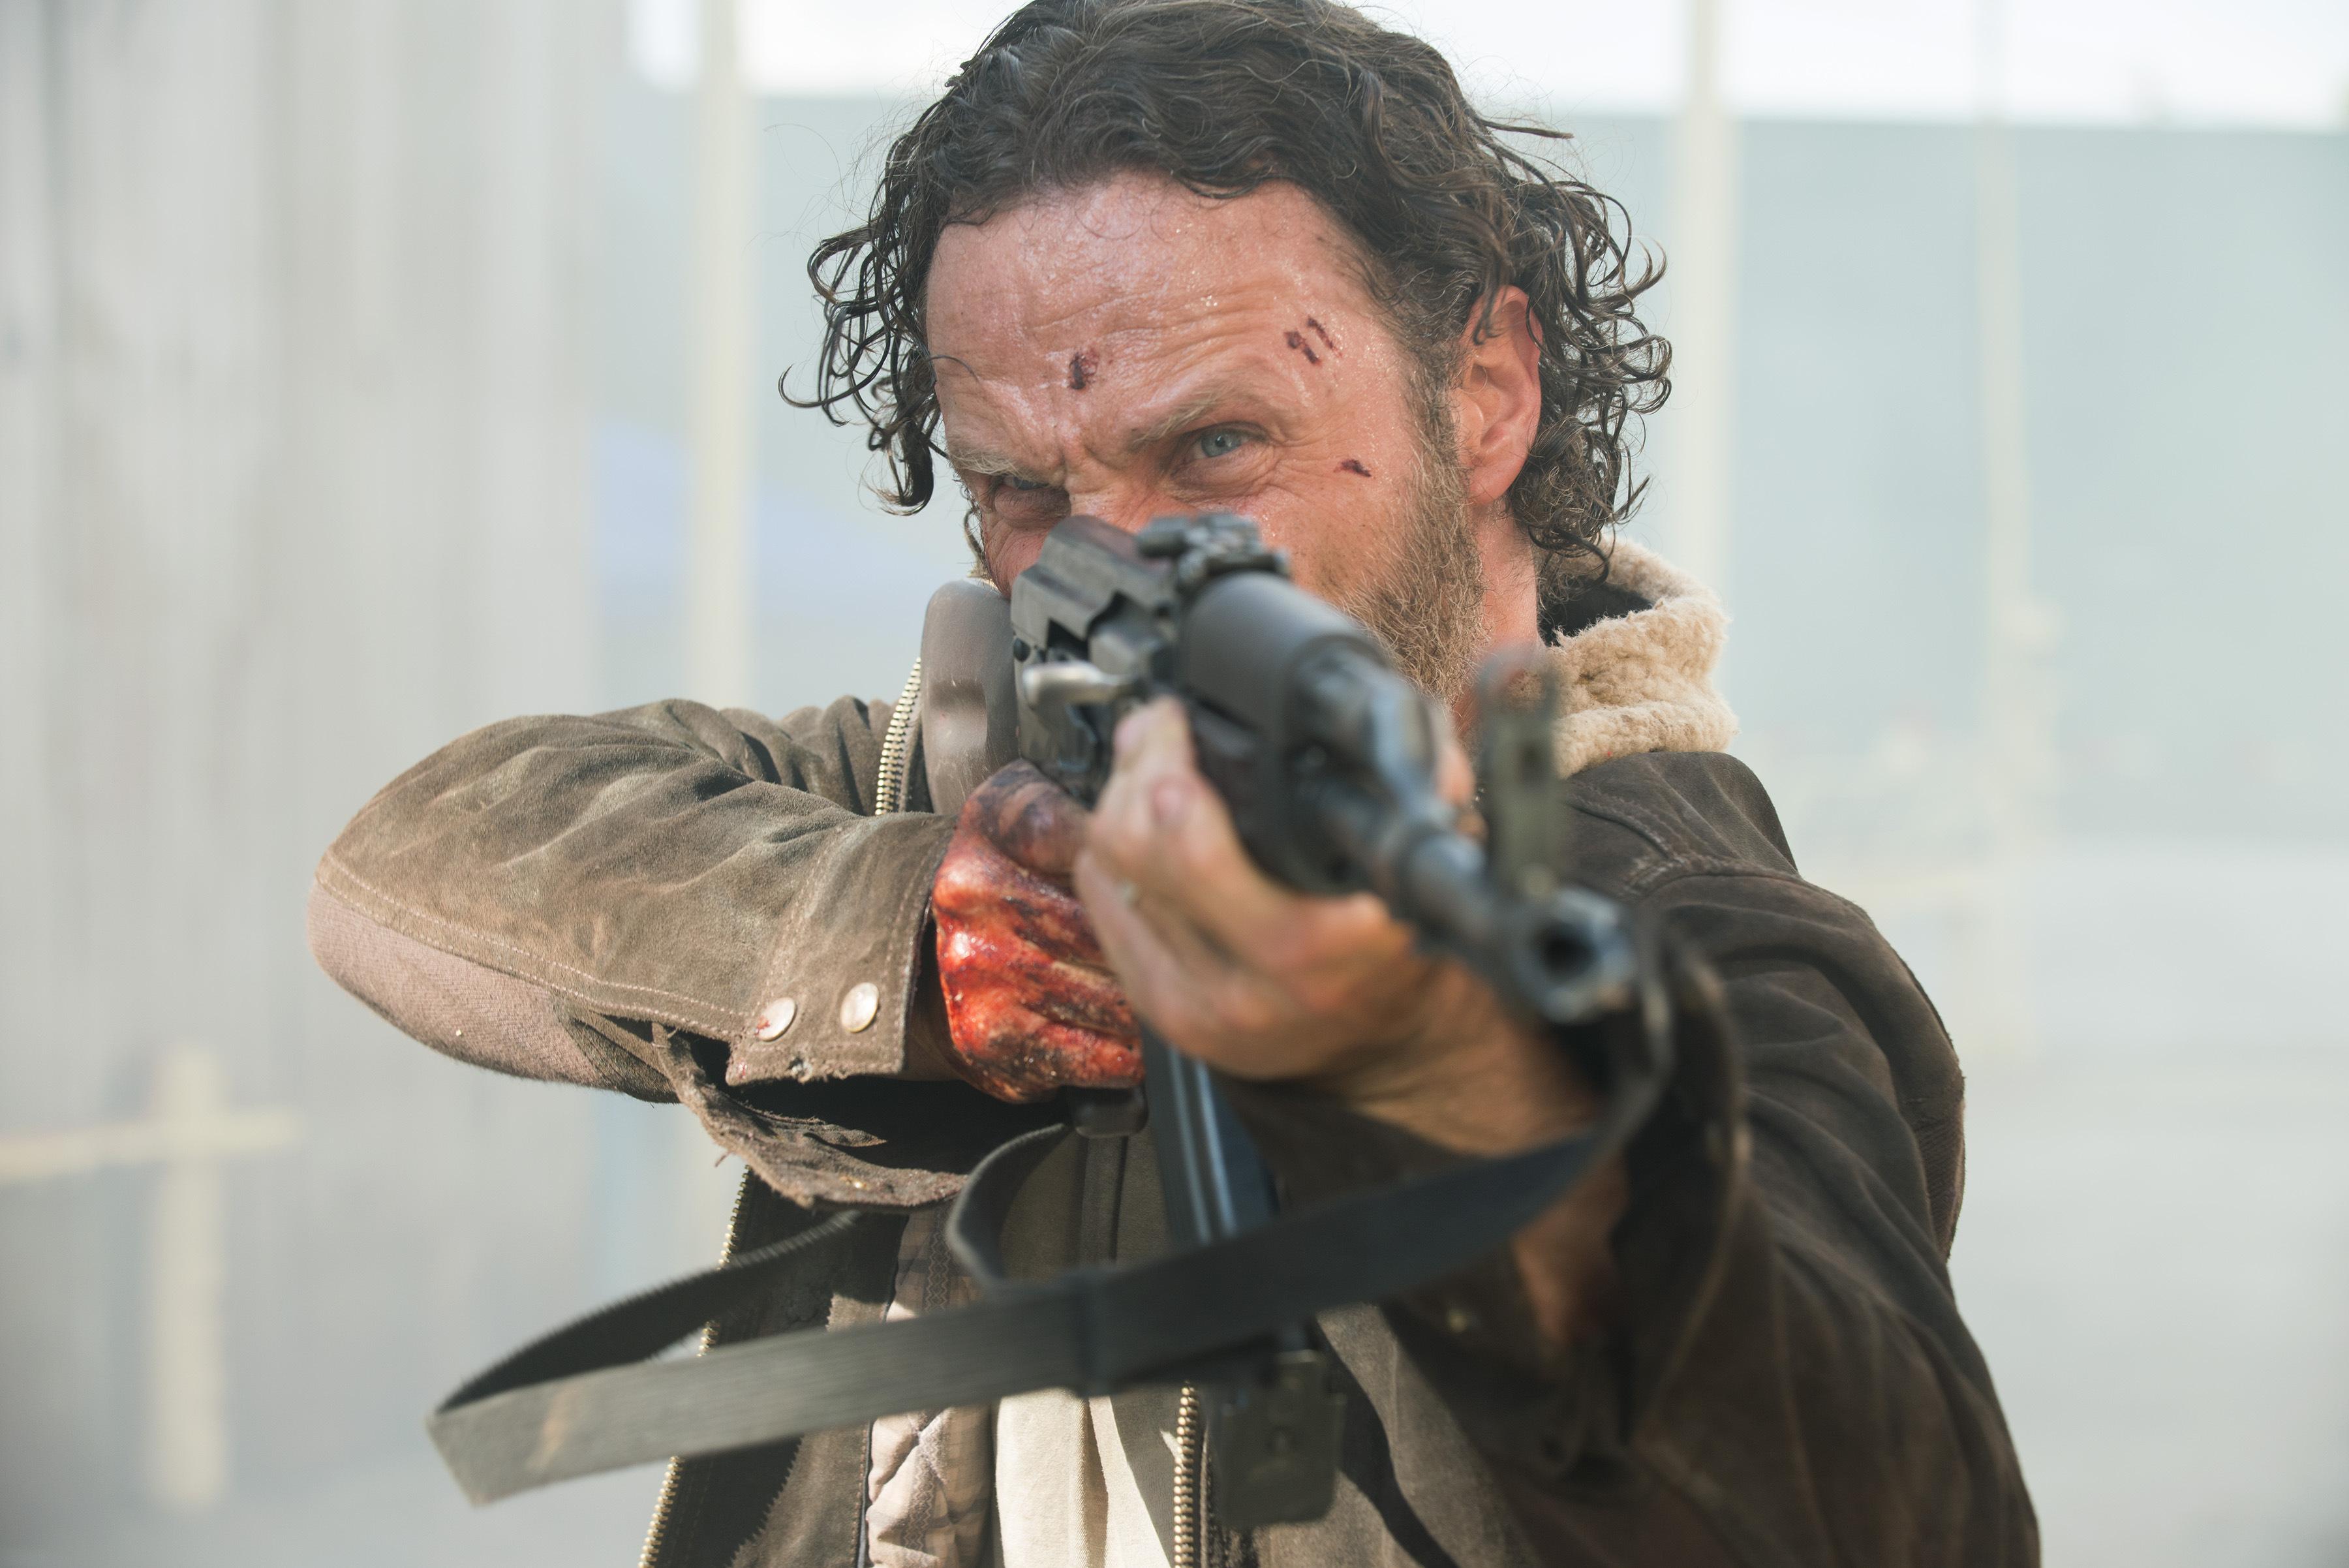 The-Walking-Dead-5-Temporada-S05E01-No-Sanctuary-HQ-019